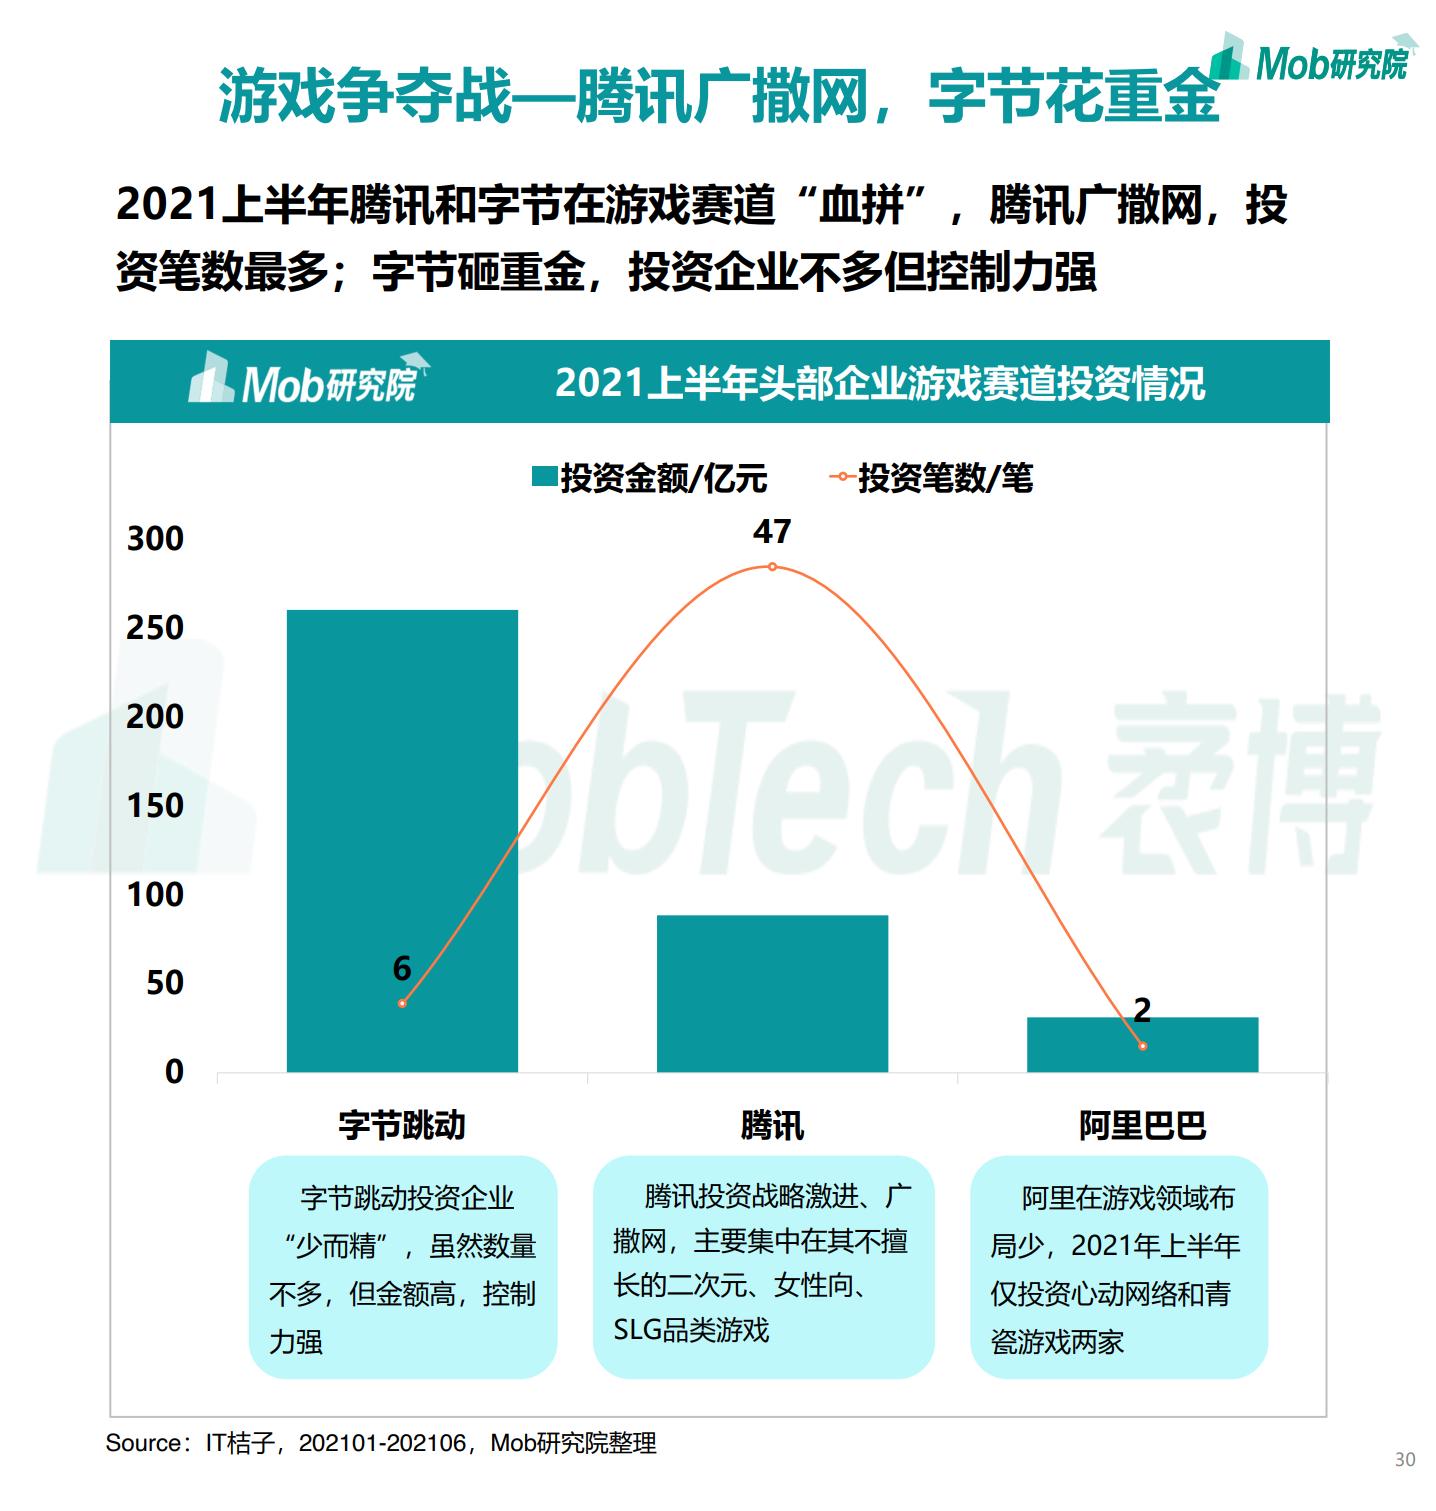 2021年中国移动互联网半年度大报告插图29